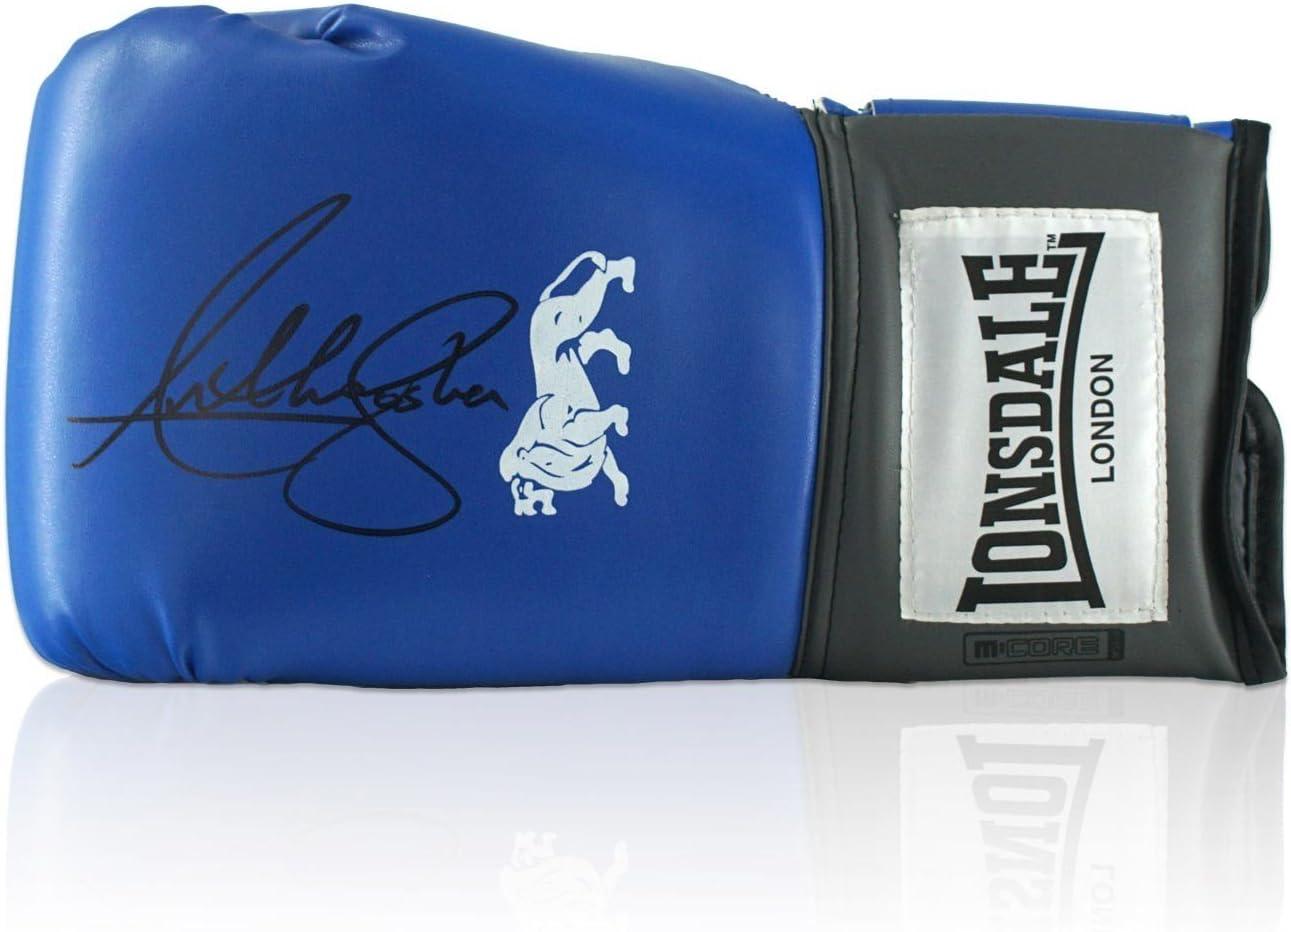 Anthony Joshua azul Lonsdale Firmado Guante de boxeo: Amazon.es: Deportes y aire libre